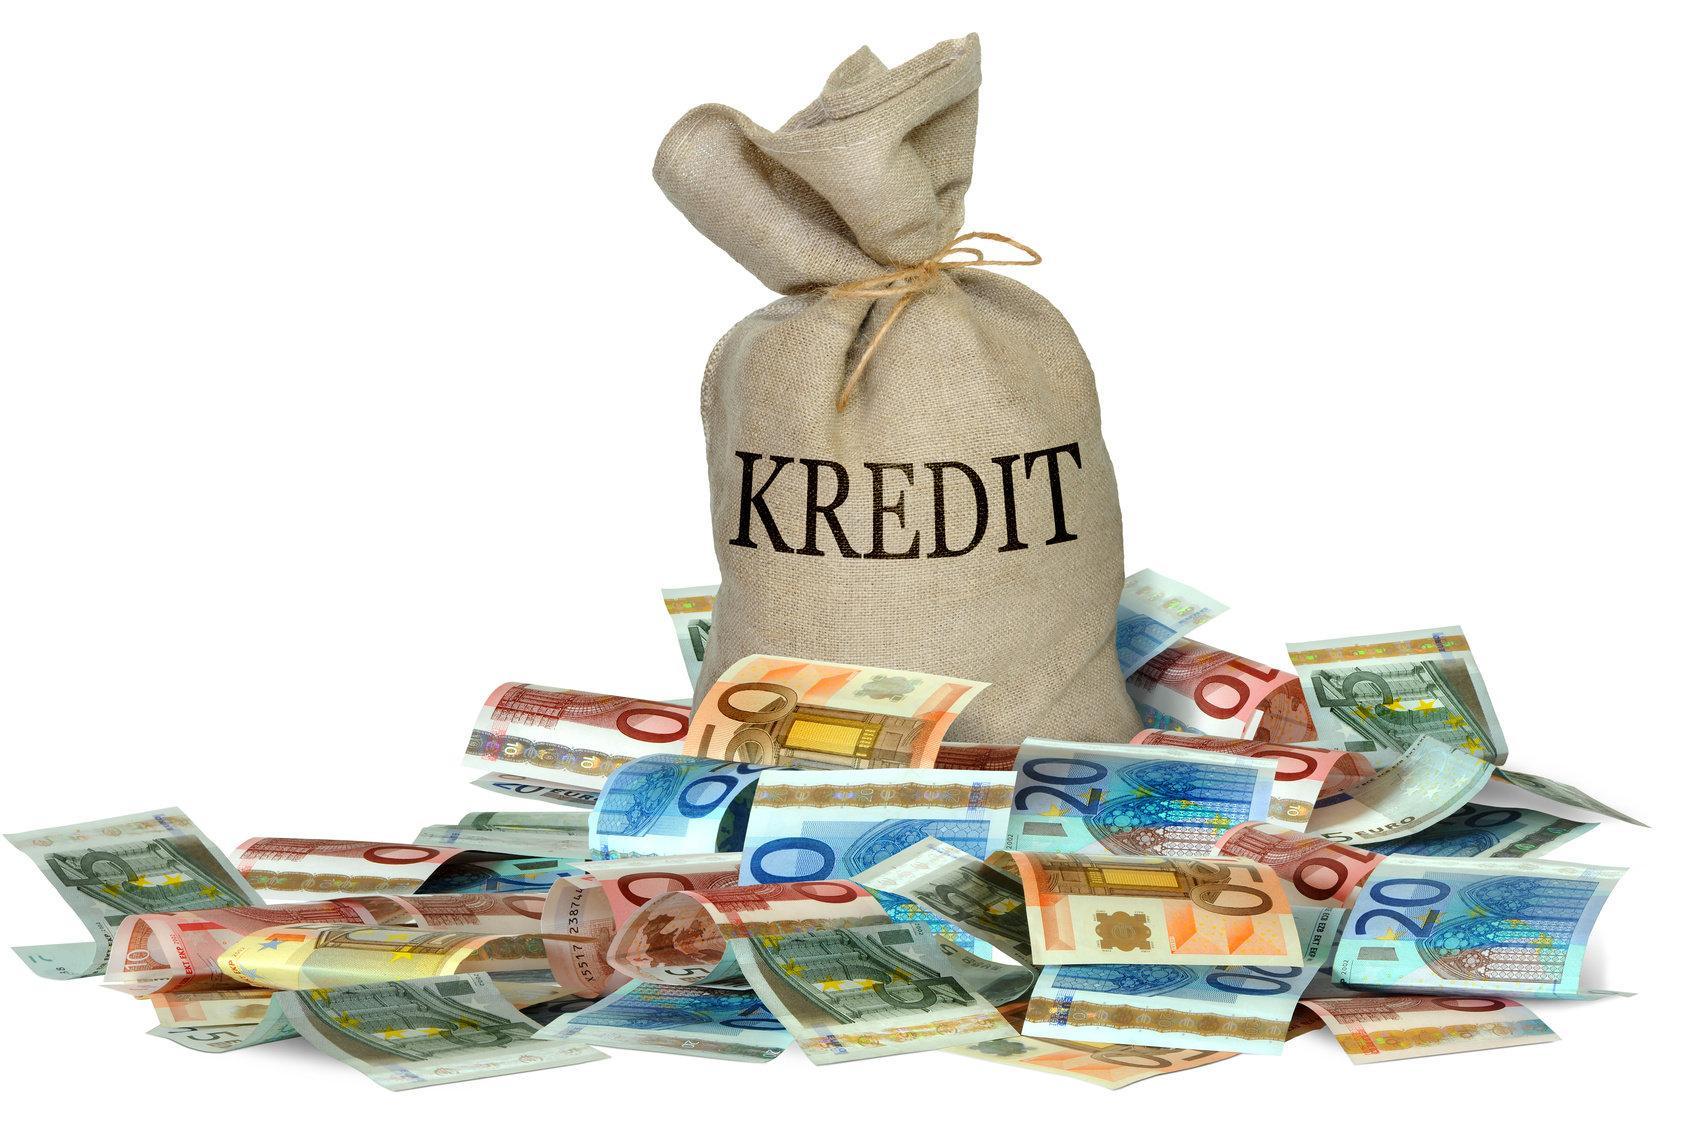 Кредит групп реальные отзывы